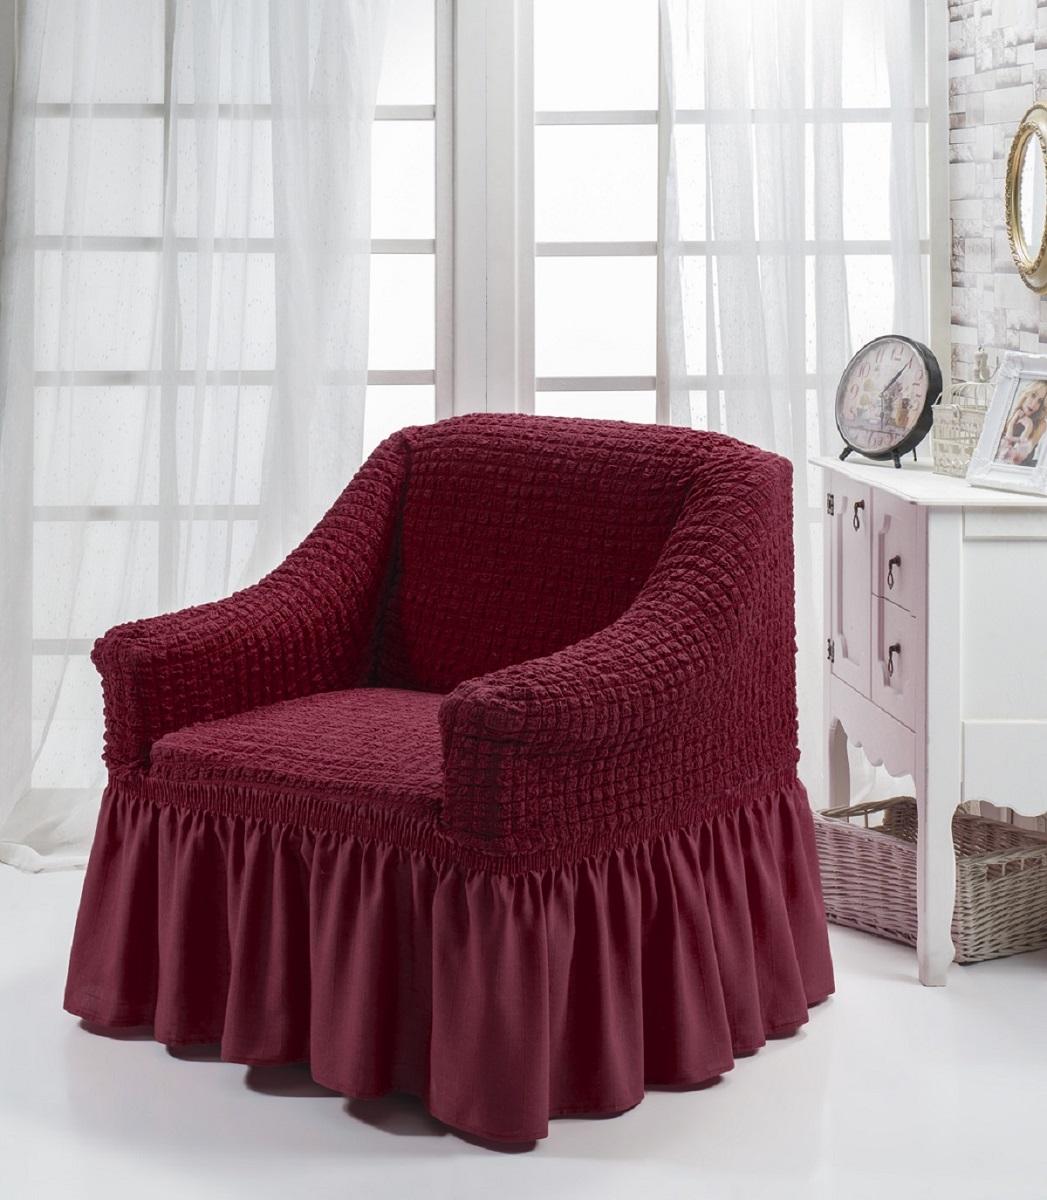 """Чехол на кресло Burumcuk """"Bulsan"""" выполнен из высококачественного полиэстера и хлопка с красивым рельефом. Предназначен для кресла стандартного размера со спинкой высотой в 140 см. Такой чехол изысканно дополнит интерьер вашего дома. Изделие прорезинено со всех сторон и оснащено закрывающей оборкой. Ширина и глубина посадочного места: 70-80 см. Высота спинки от сиденья: 70-80 см. Высота подлокотников: 35-45 см. Ширина подлокотников: 25-35 см. Длина оборки: 35 см."""